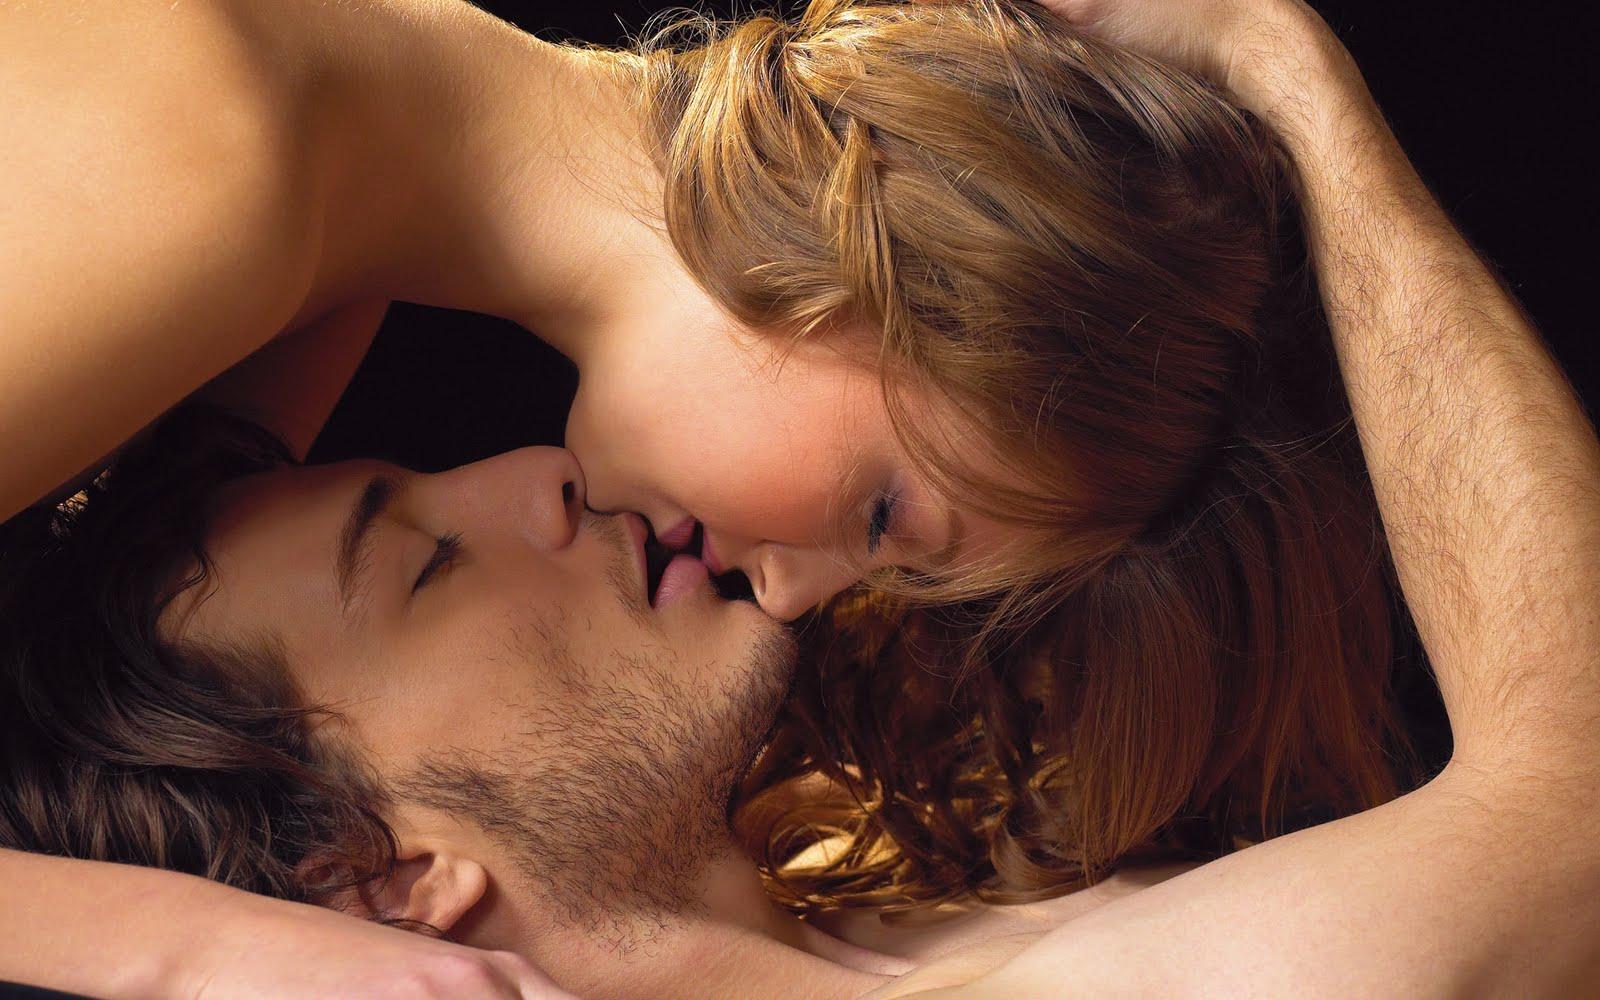 http://4.bp.blogspot.com/_UAPSV4DGkYU/TJt7yhUQZVI/AAAAAAAAGx4/8Ih8oCS1Er4/s1600/Couples_37.jpg